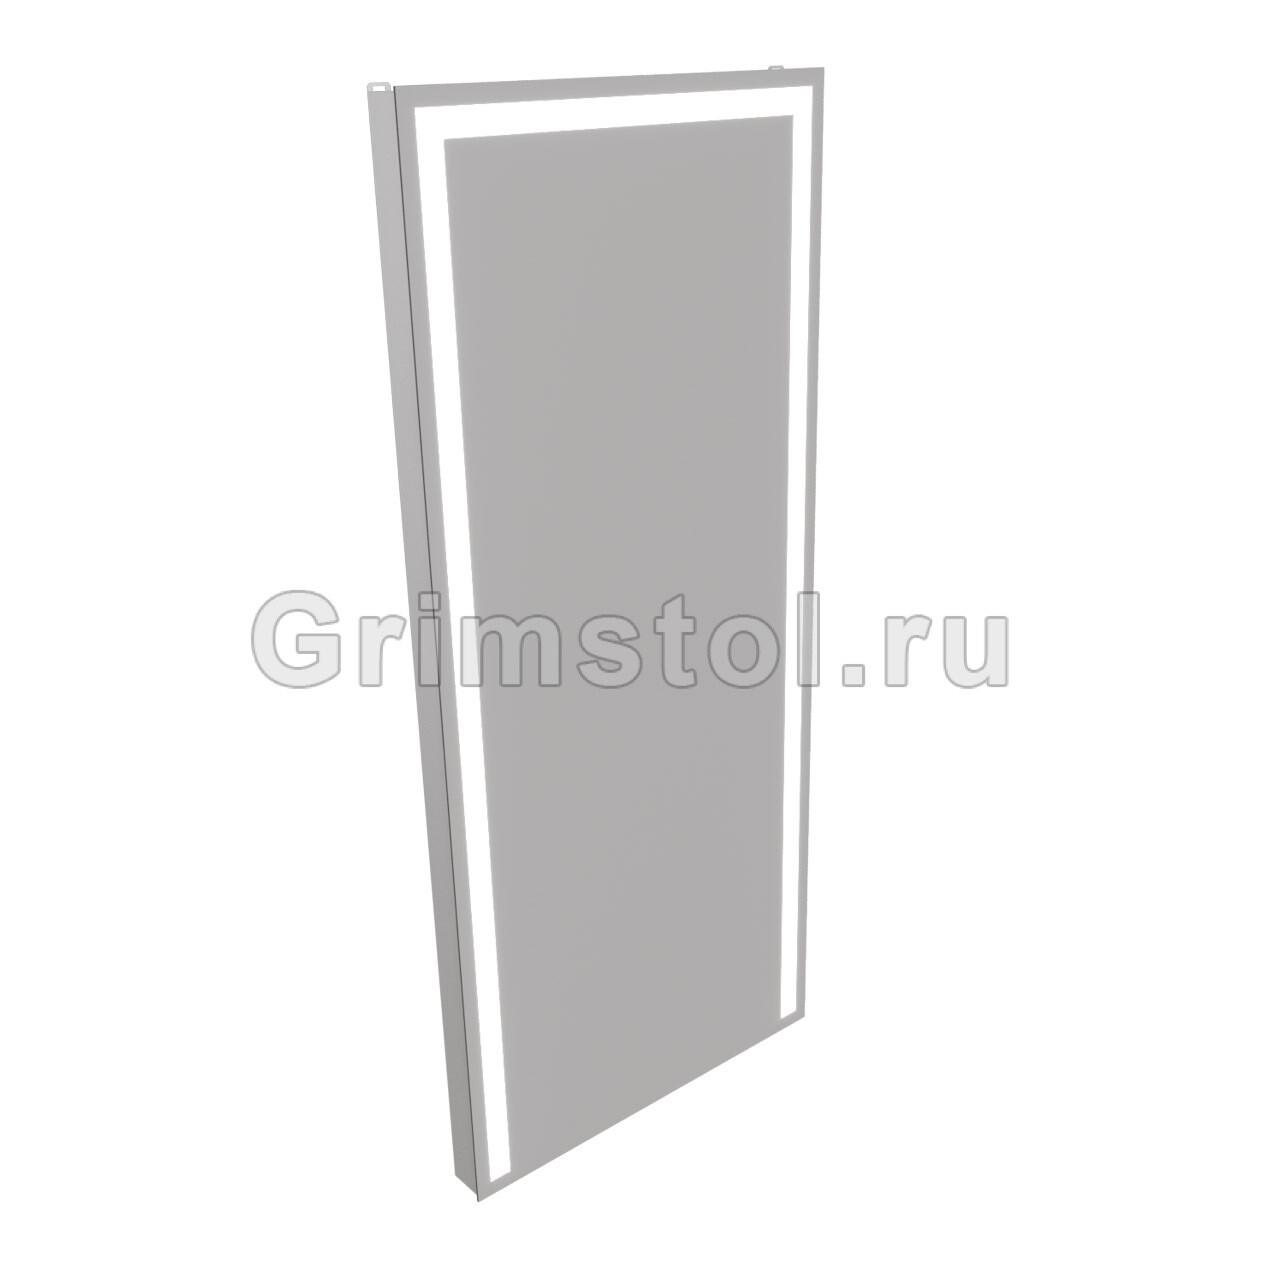 Зеркало ростовое PД1